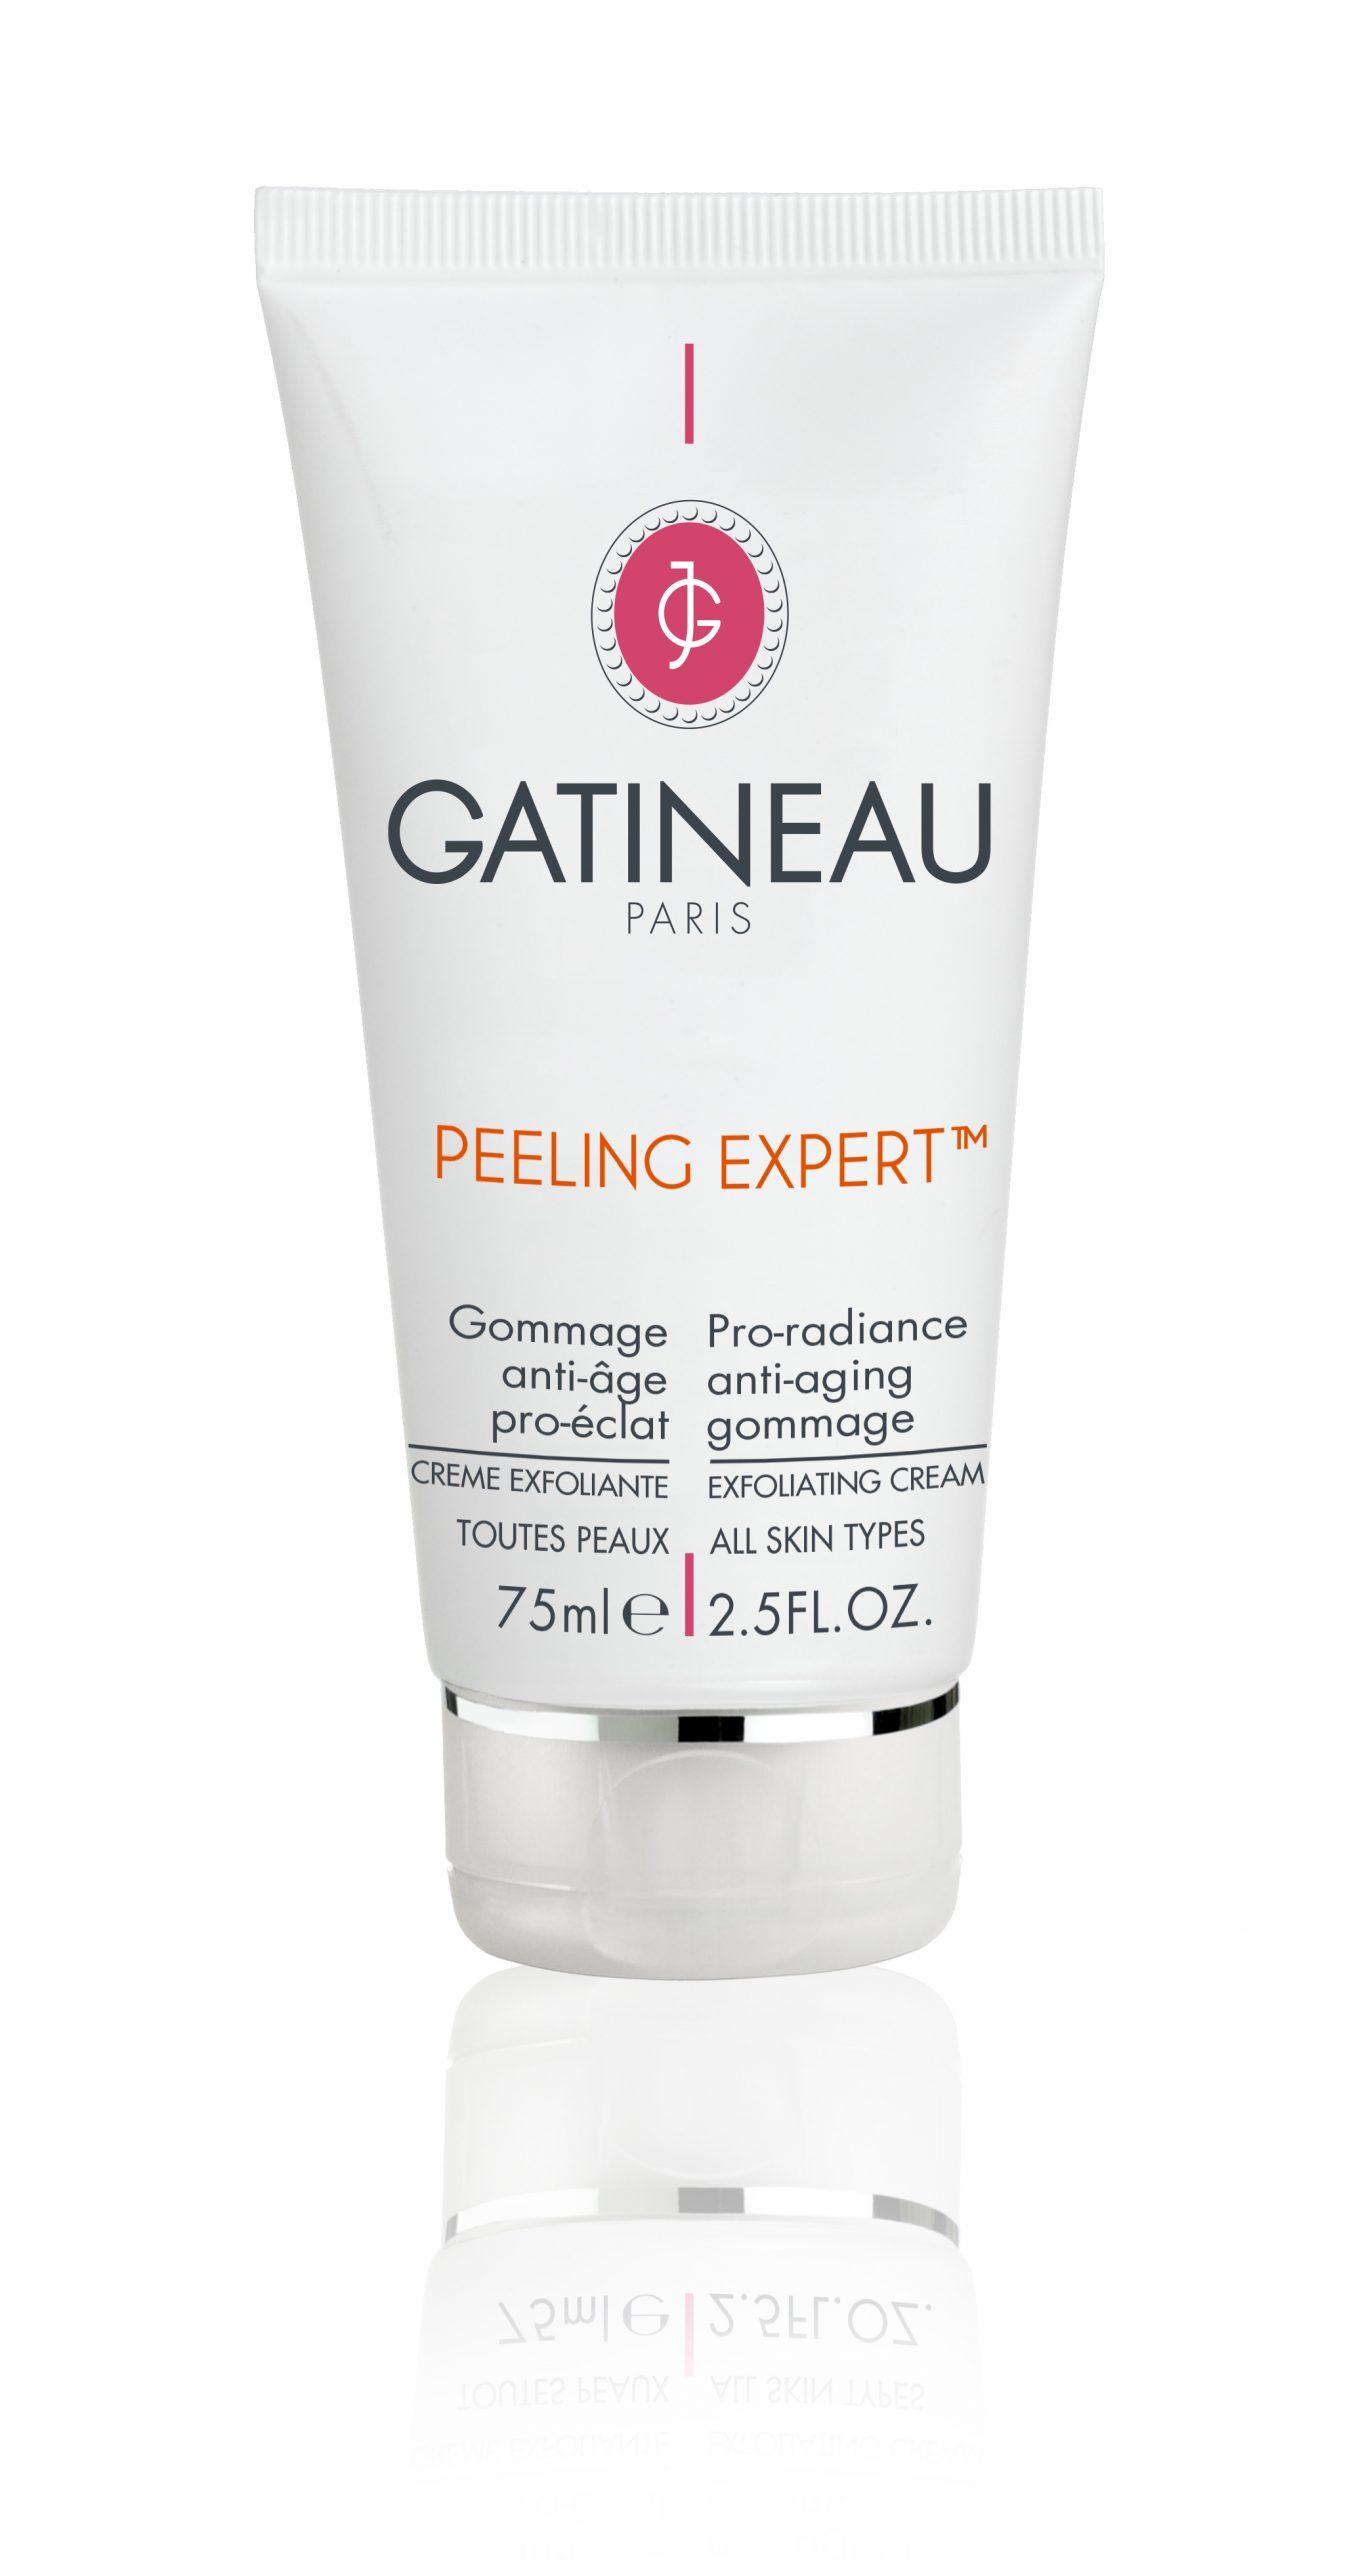 Peeling Expert™ Anti-aging Gommage 75ml